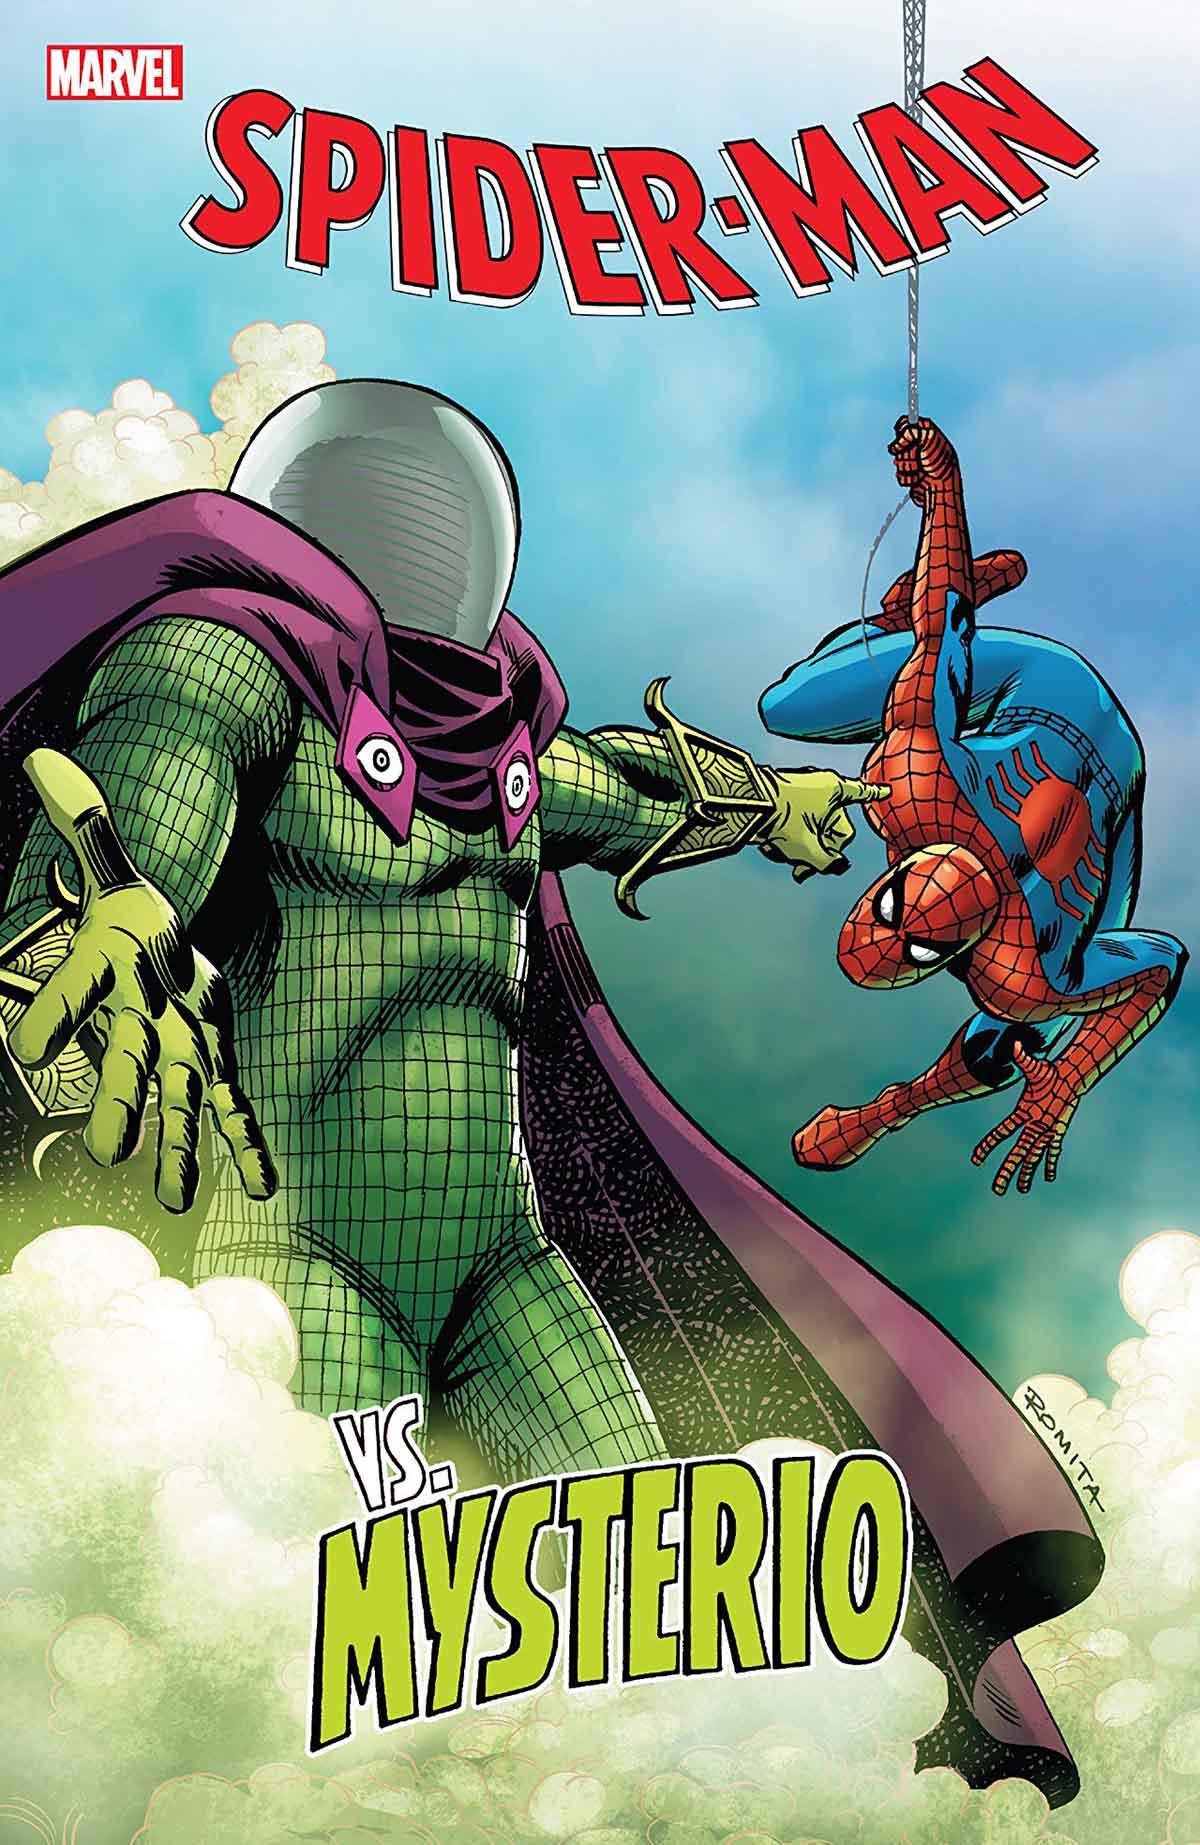 Spider-Man Vs. Mysterio.jpg